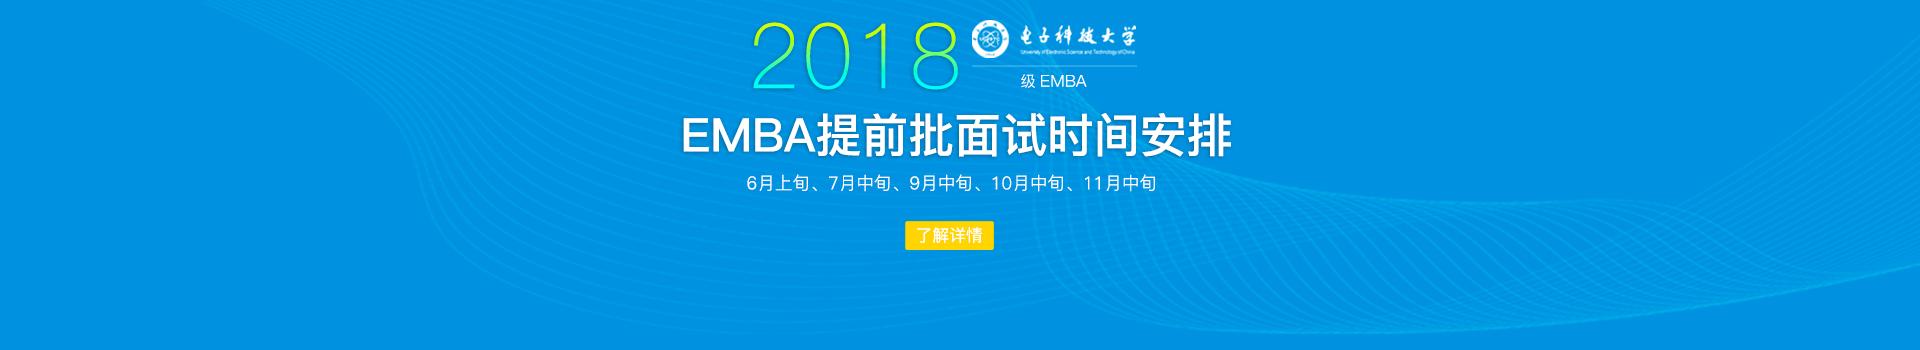 2018级电子科技大学EMBA提前面试时间安排